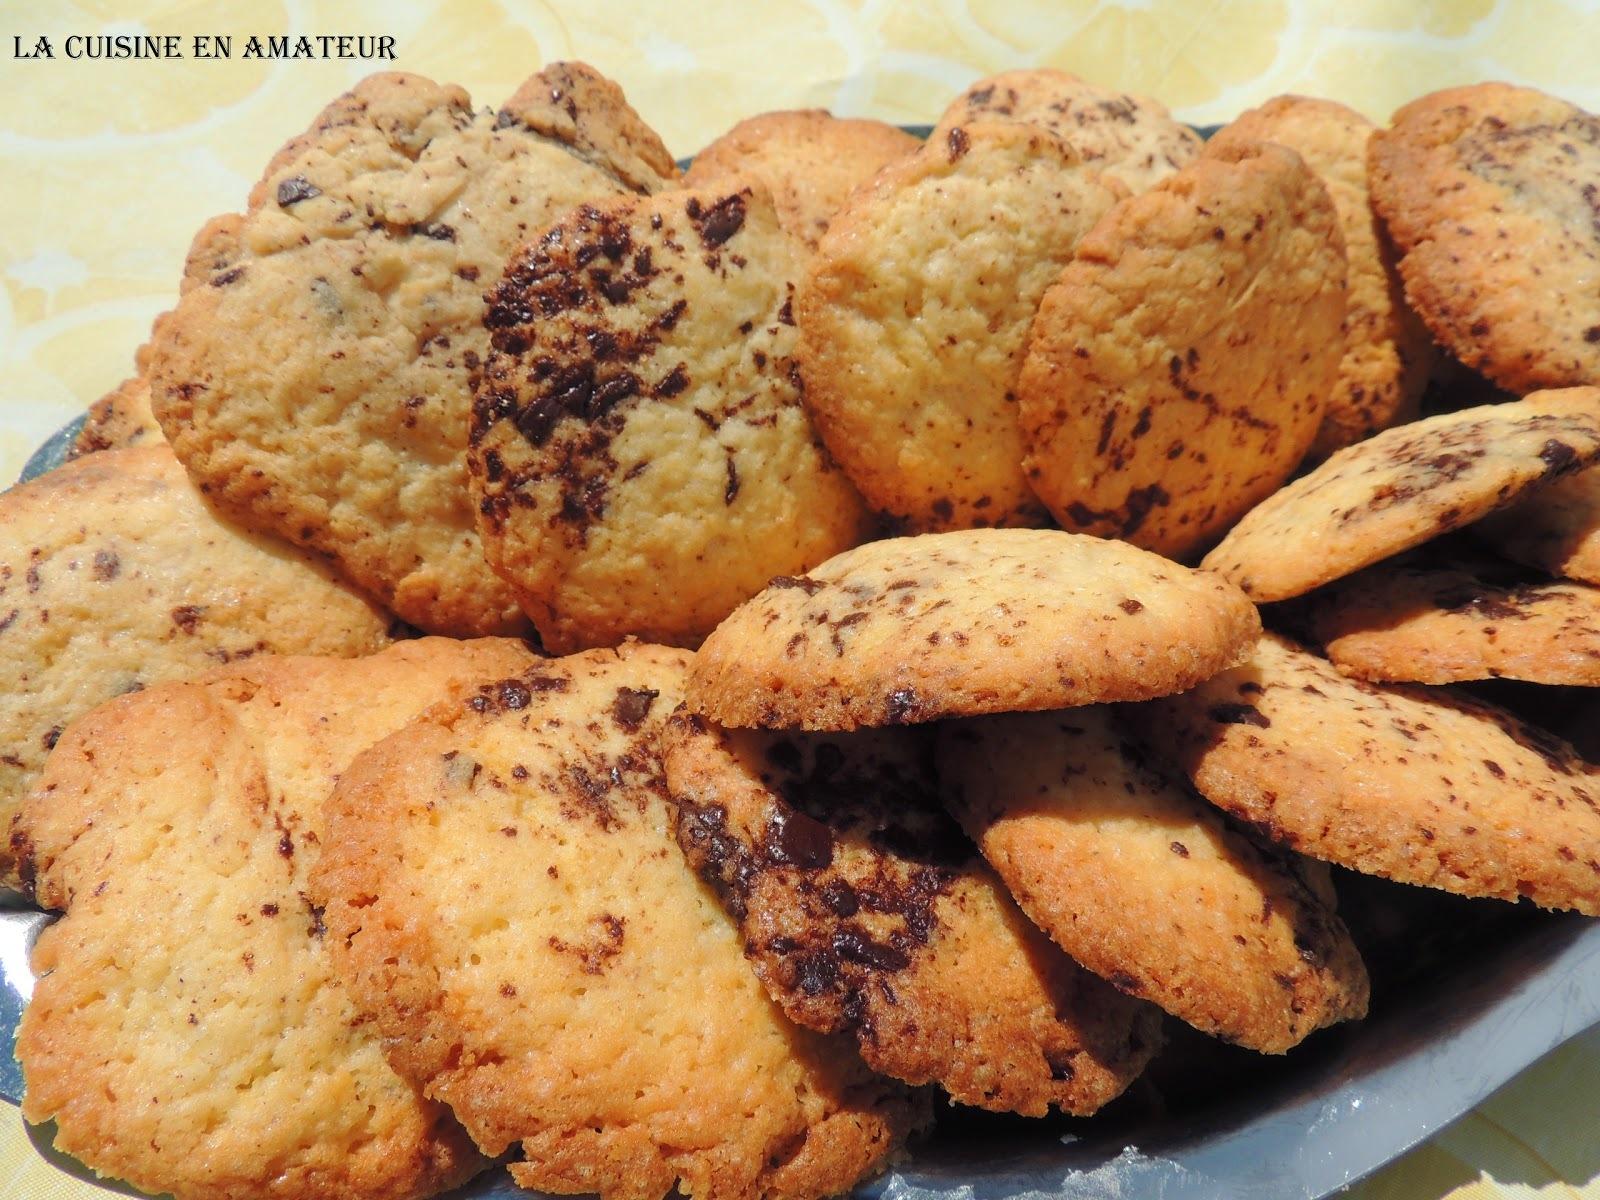 Biscuits aux pétites de chocolat